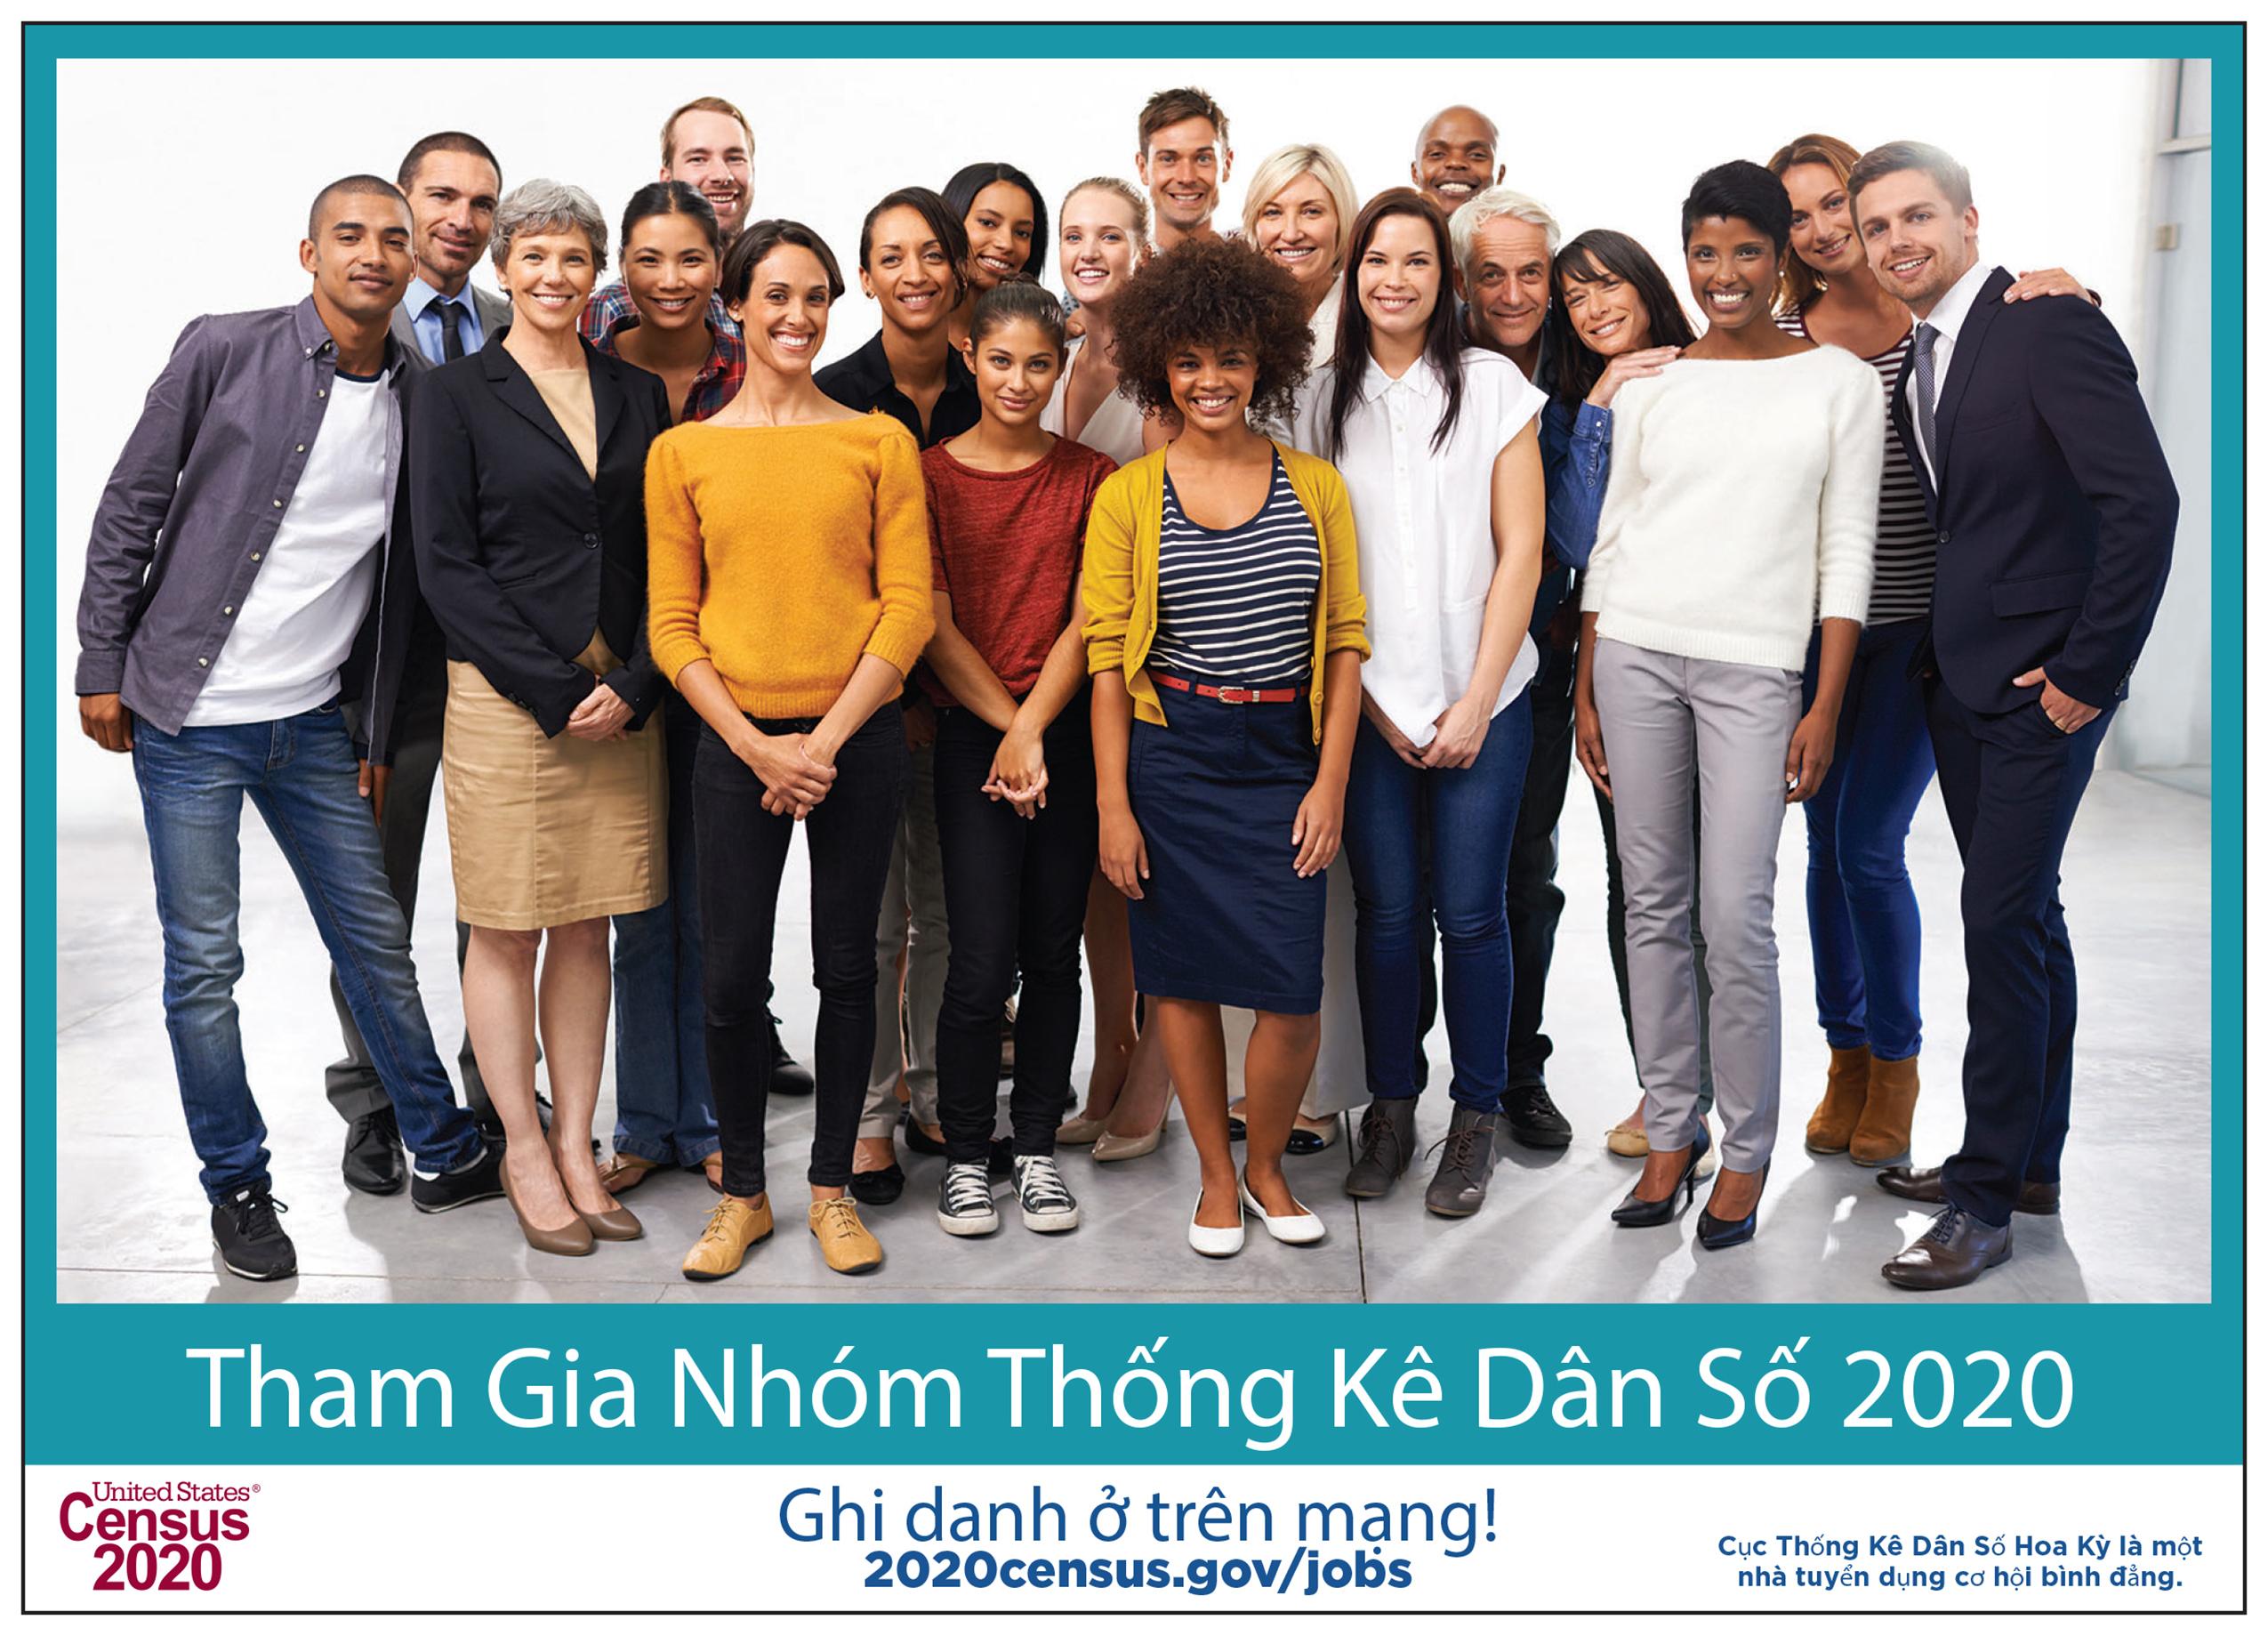 Tham gia nhóm Thống Kê Dân Số 2020